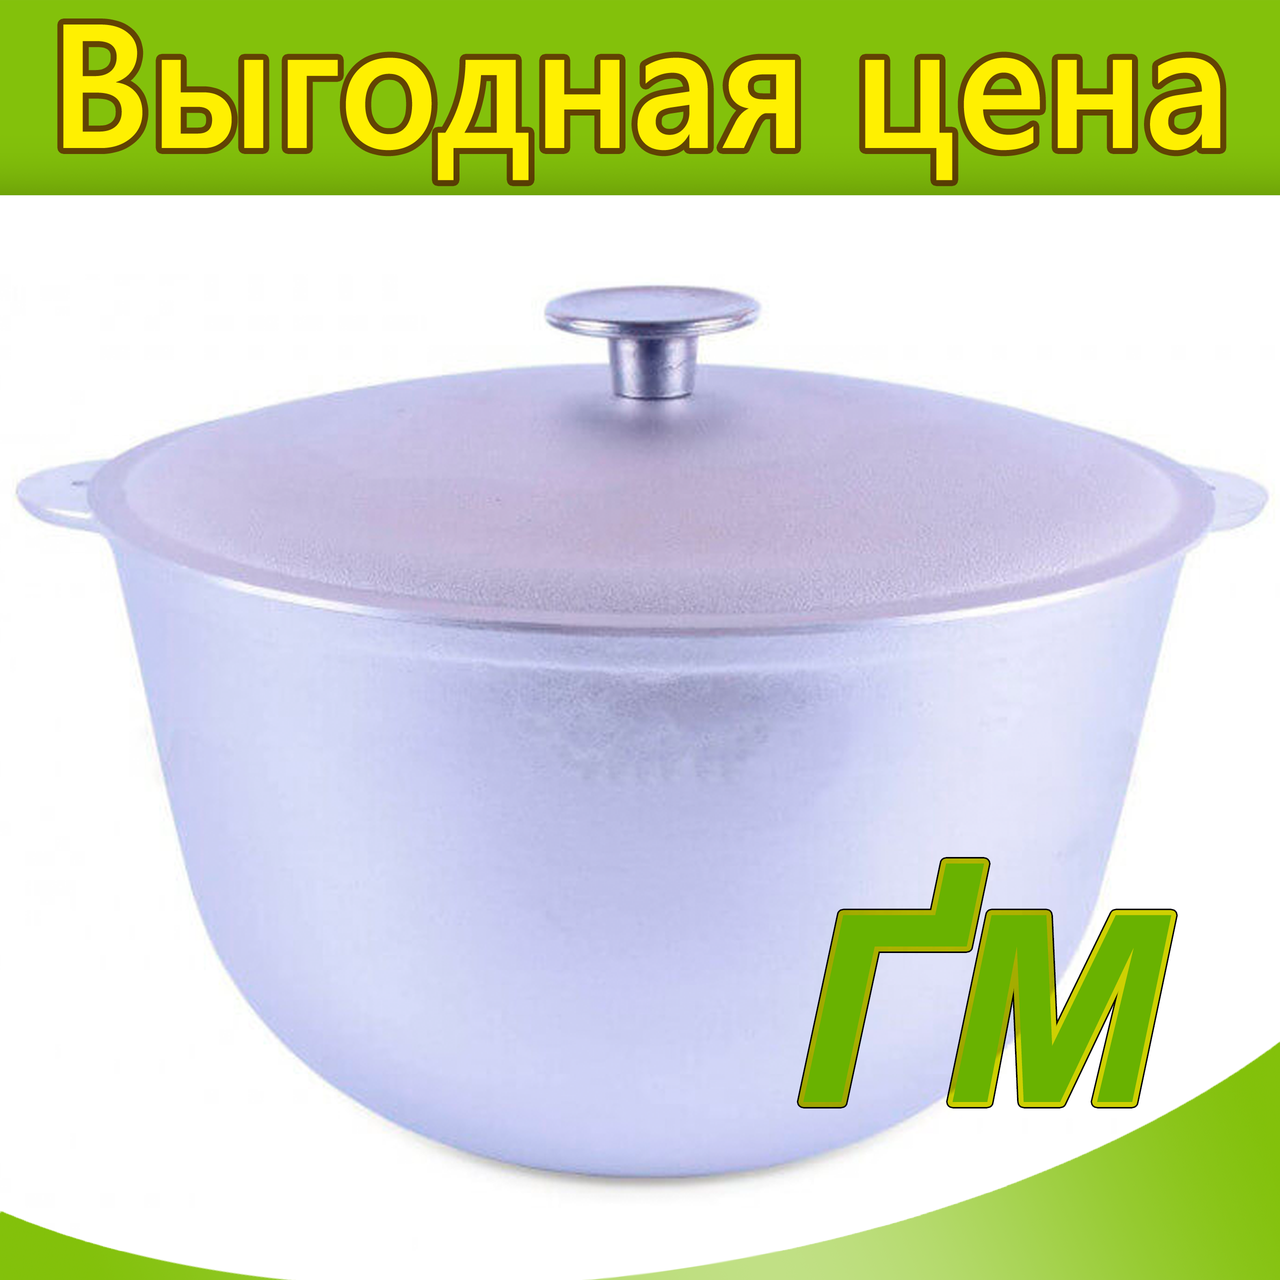 Казан походный с крышкой, объем 8 л.